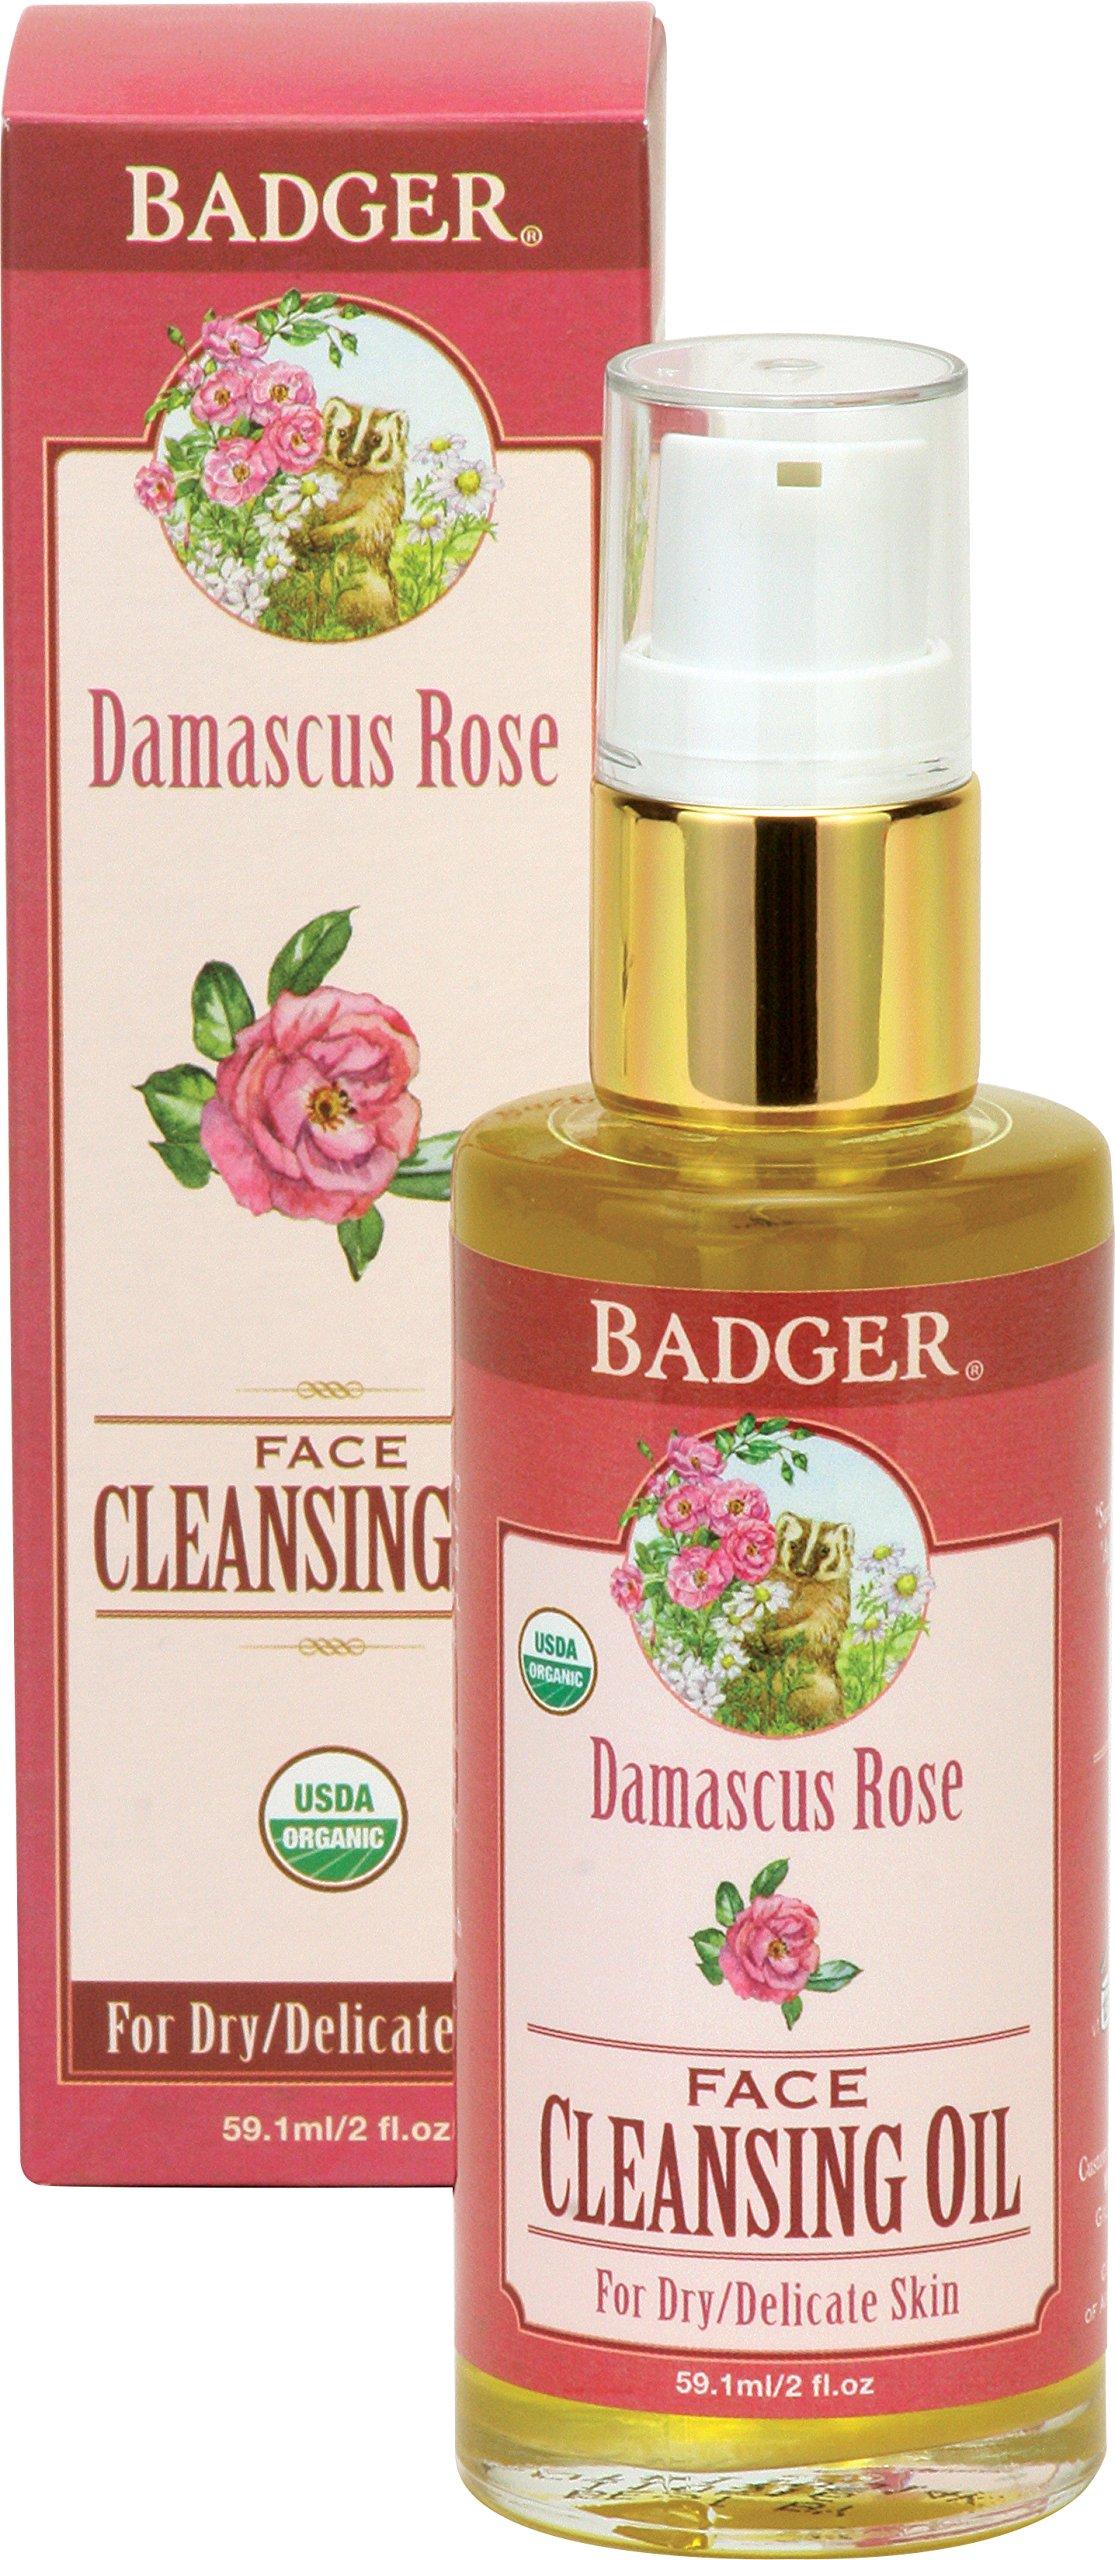 Badger Damascus Rose Face Cleansing Oil - 2 fl oz Glass Bottle